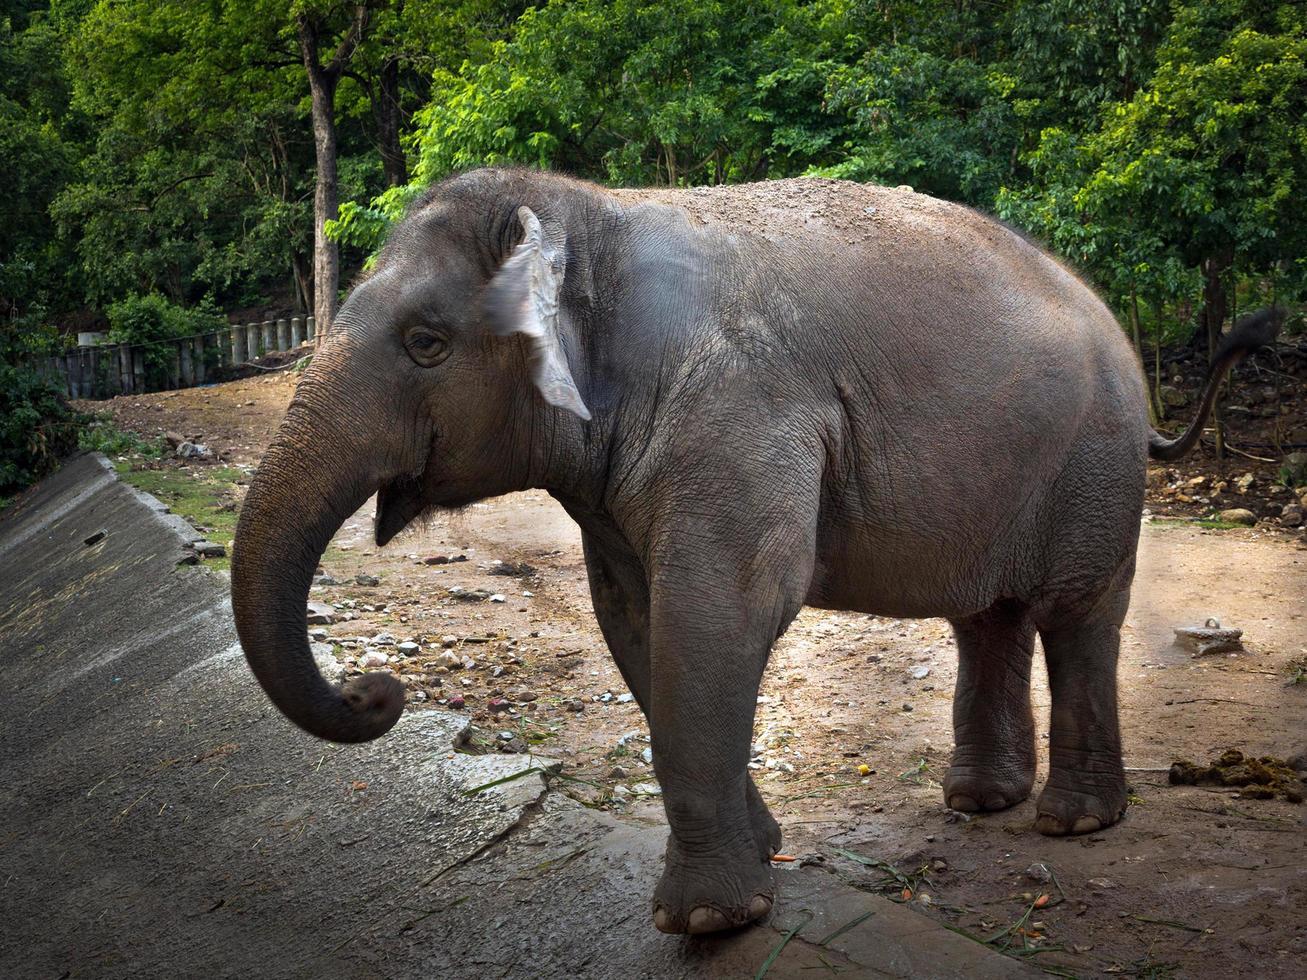 asiatiska elefanter står mitt i vild natur foto